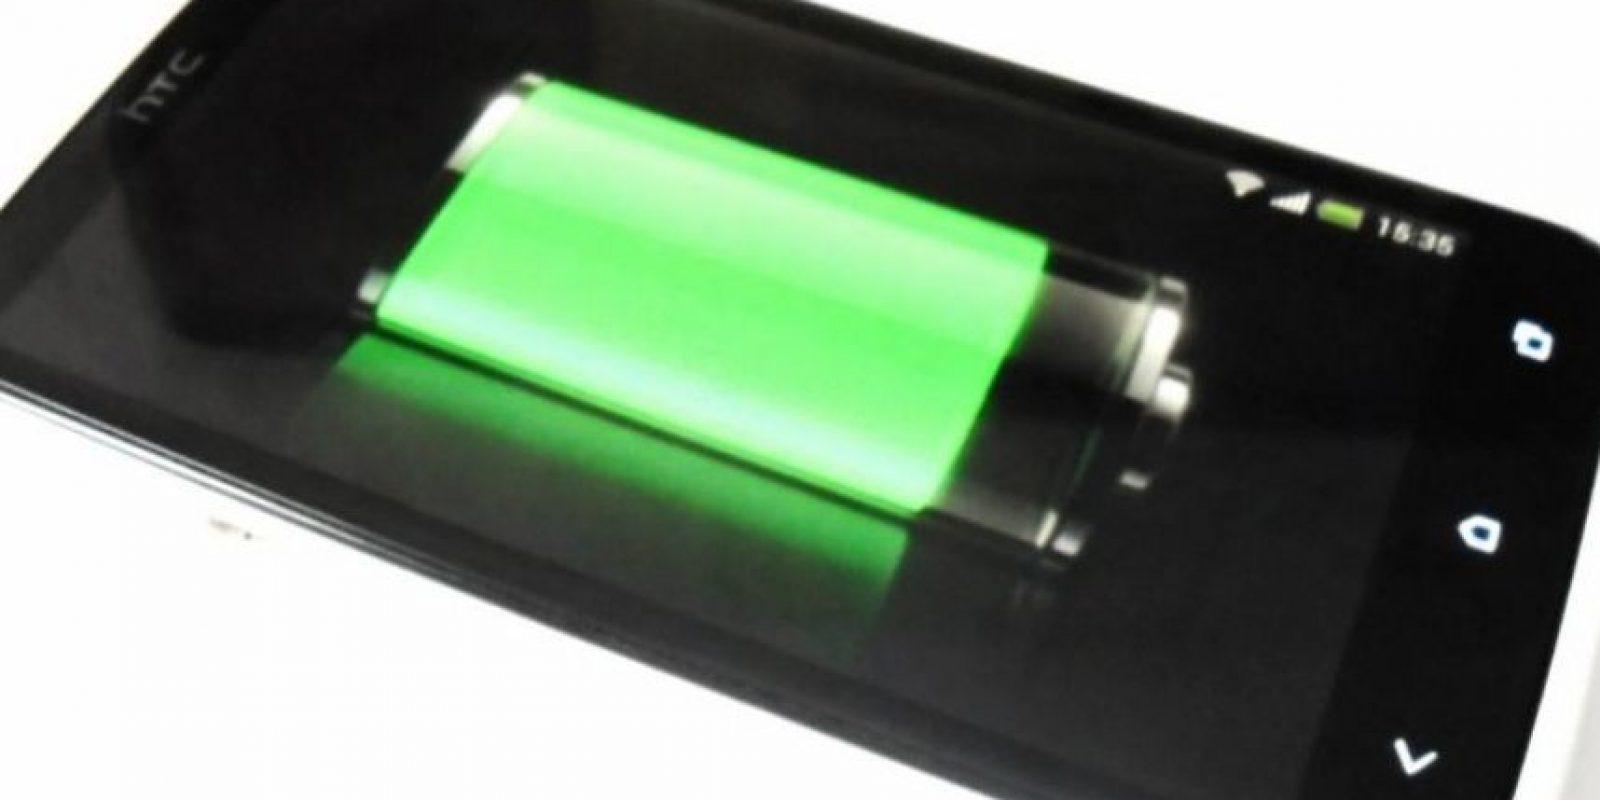 Existen pequeños trucos que deben seguir para conservar la vida de la batería del smartphone. Foto:Vía Pinterest.com